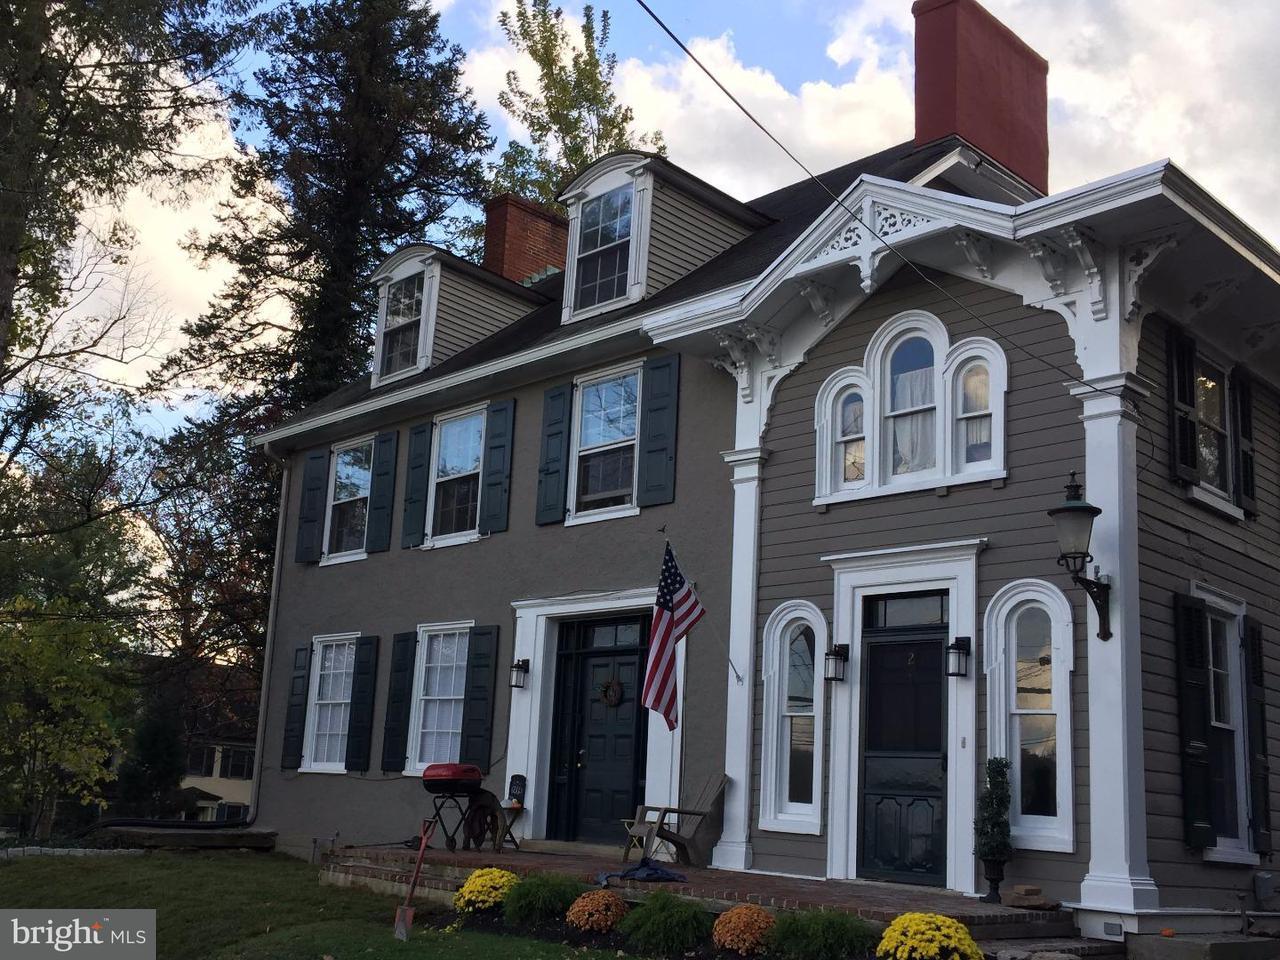 独户住宅 为 出租 在 2524 BOGARTS TAVERN RD #2C 多伊尔斯敦, 宾夕法尼亚州 18902 美国